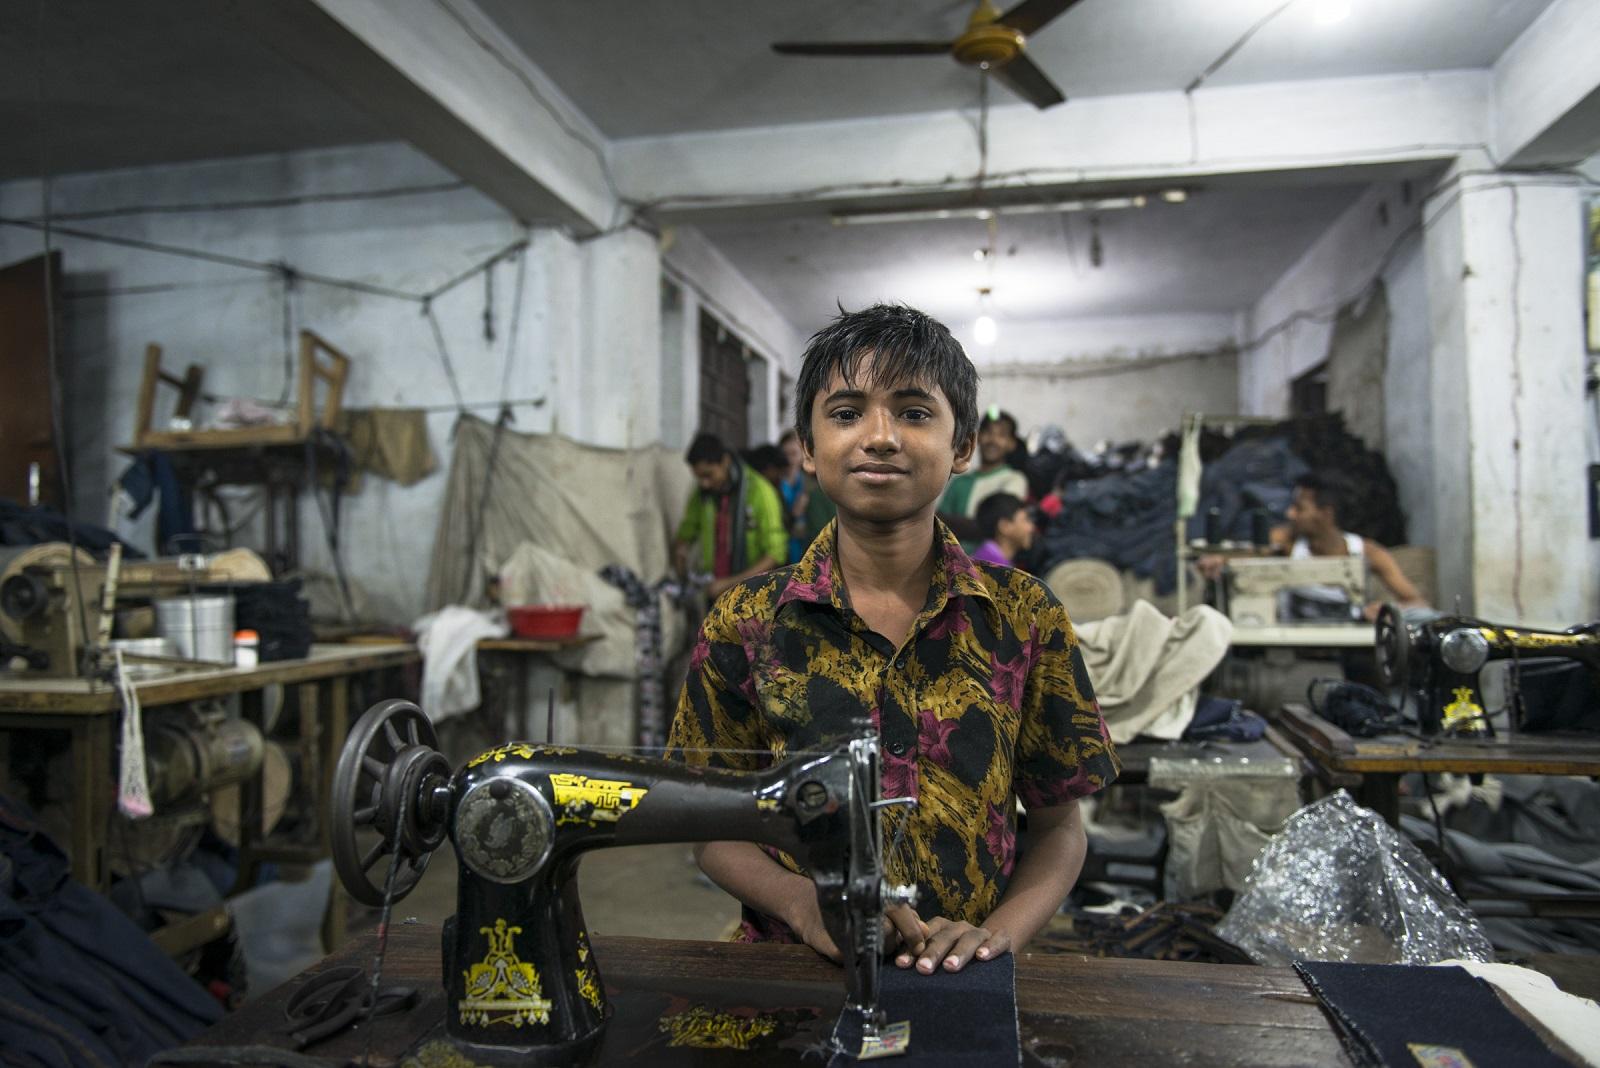 Вьетнамцы шьют массово одежду фото